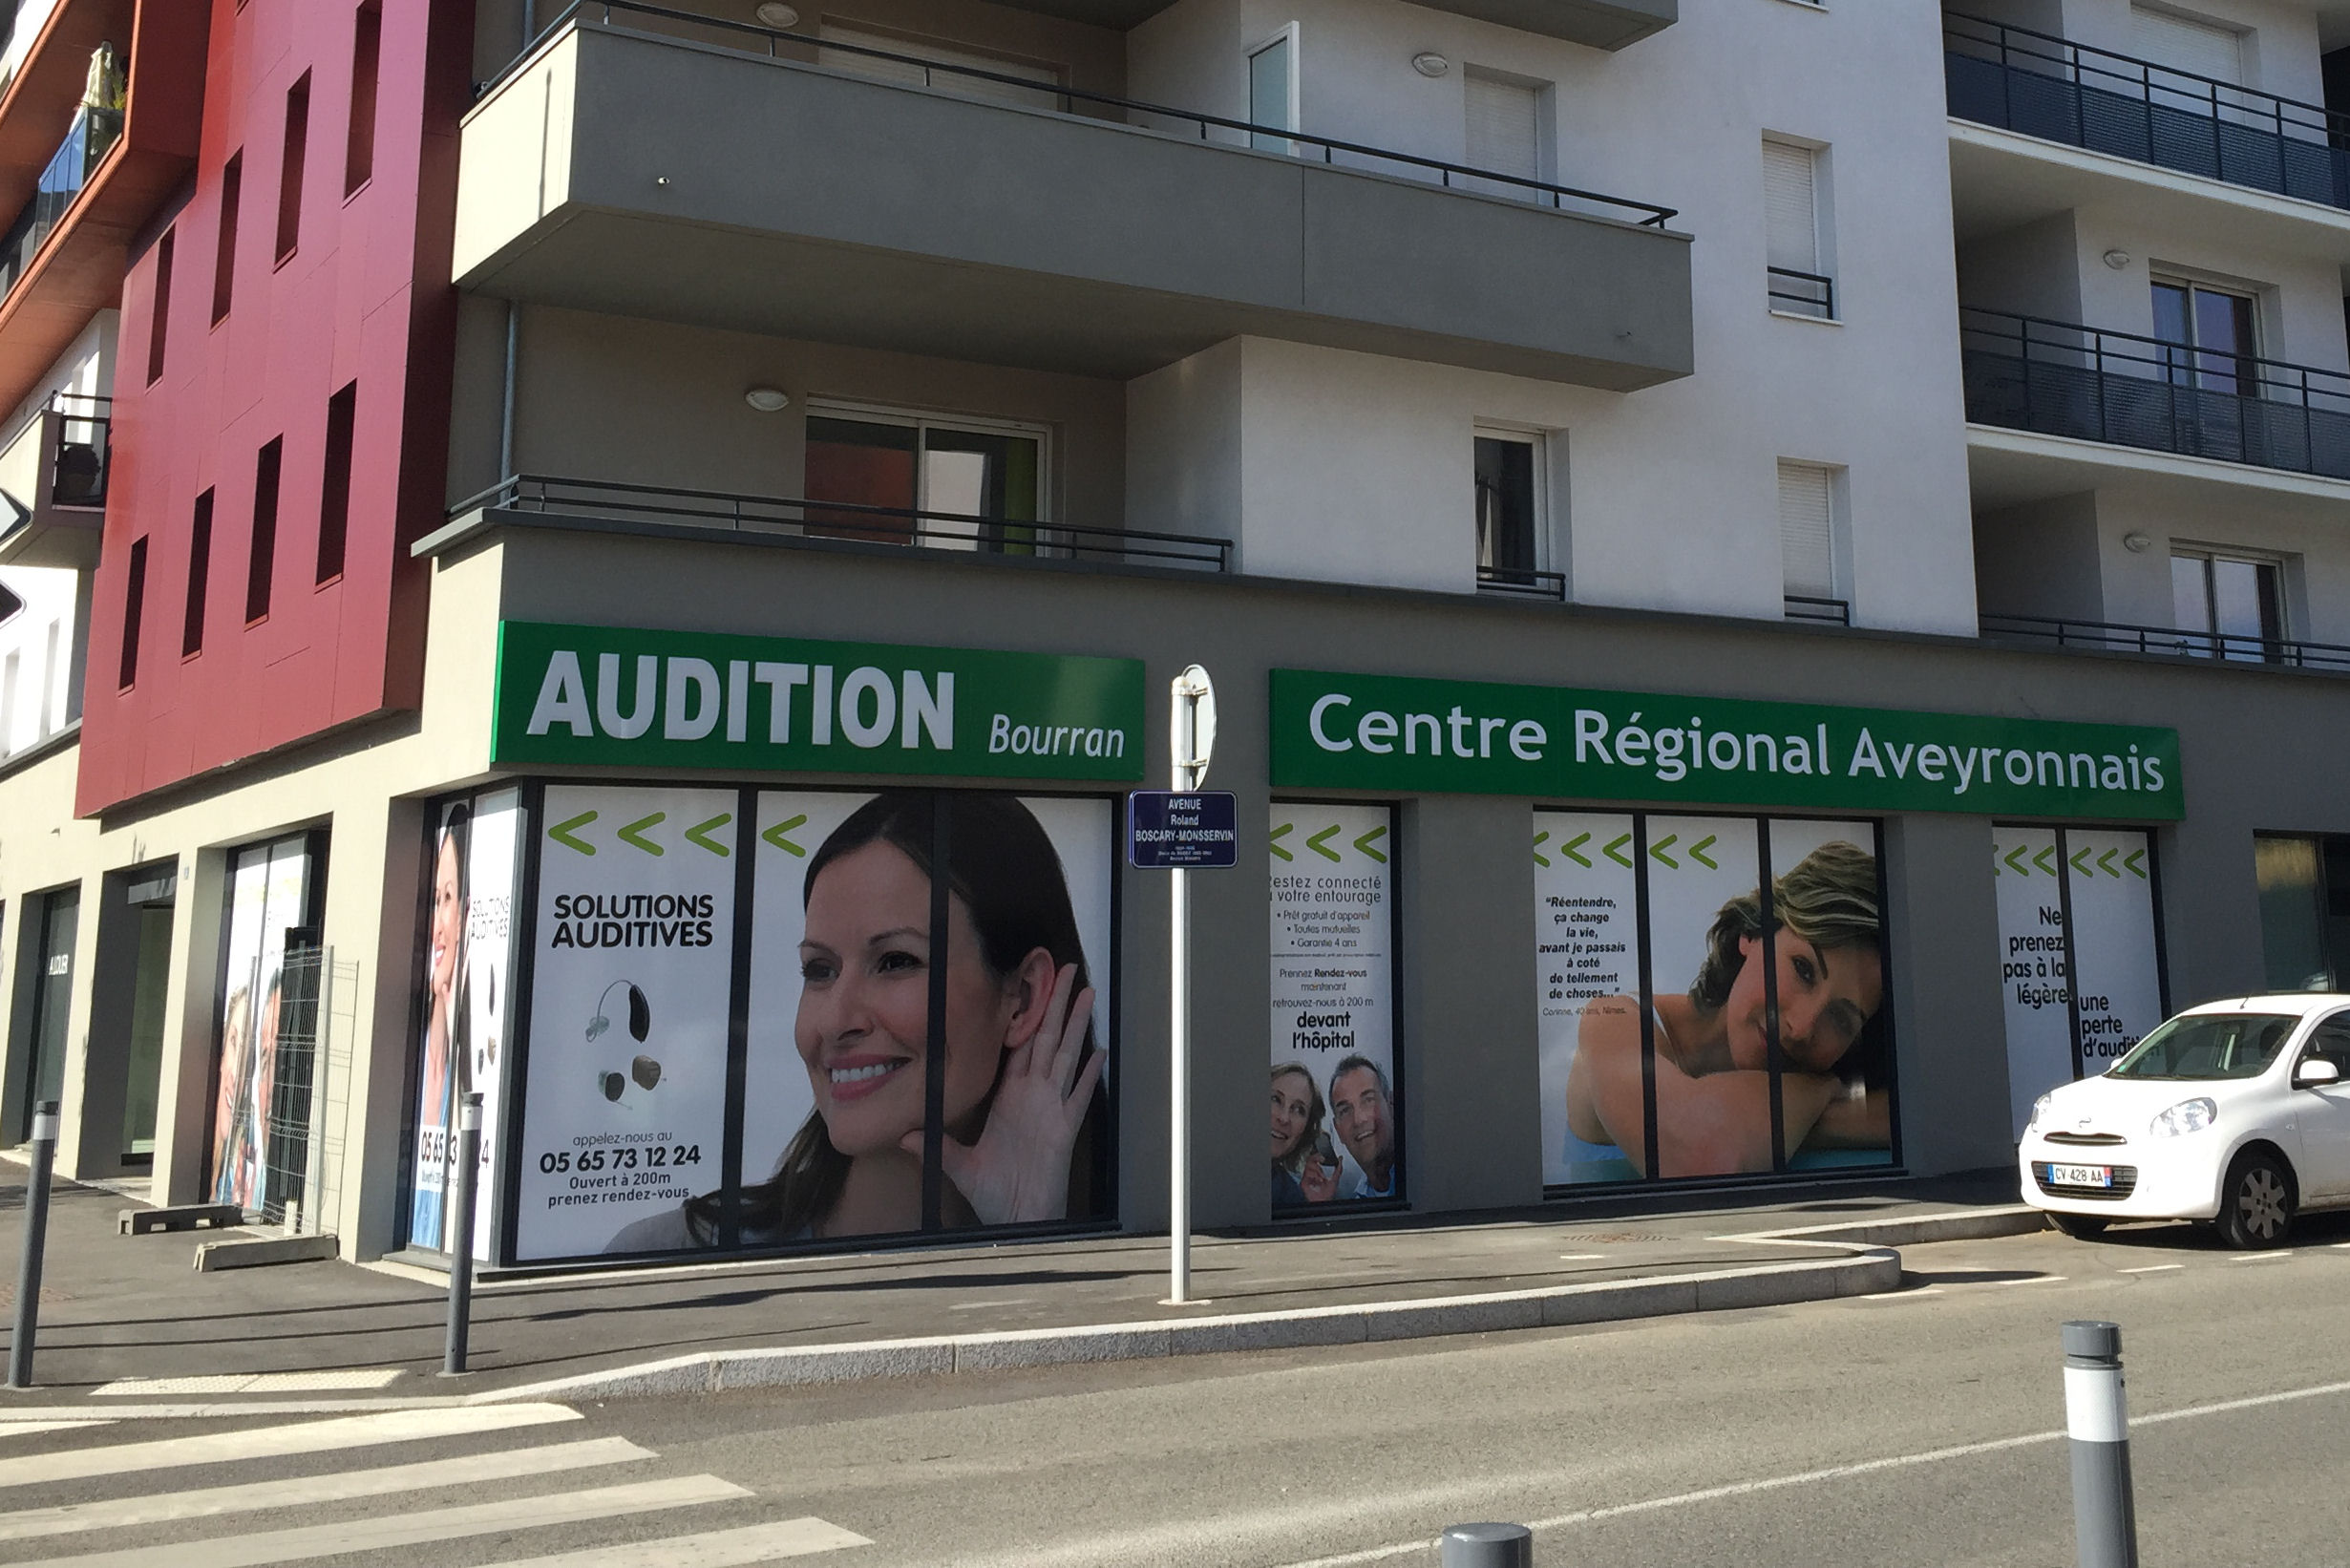 Le centre auditif de Bourran est le centre régional aveyronnais d'audition.